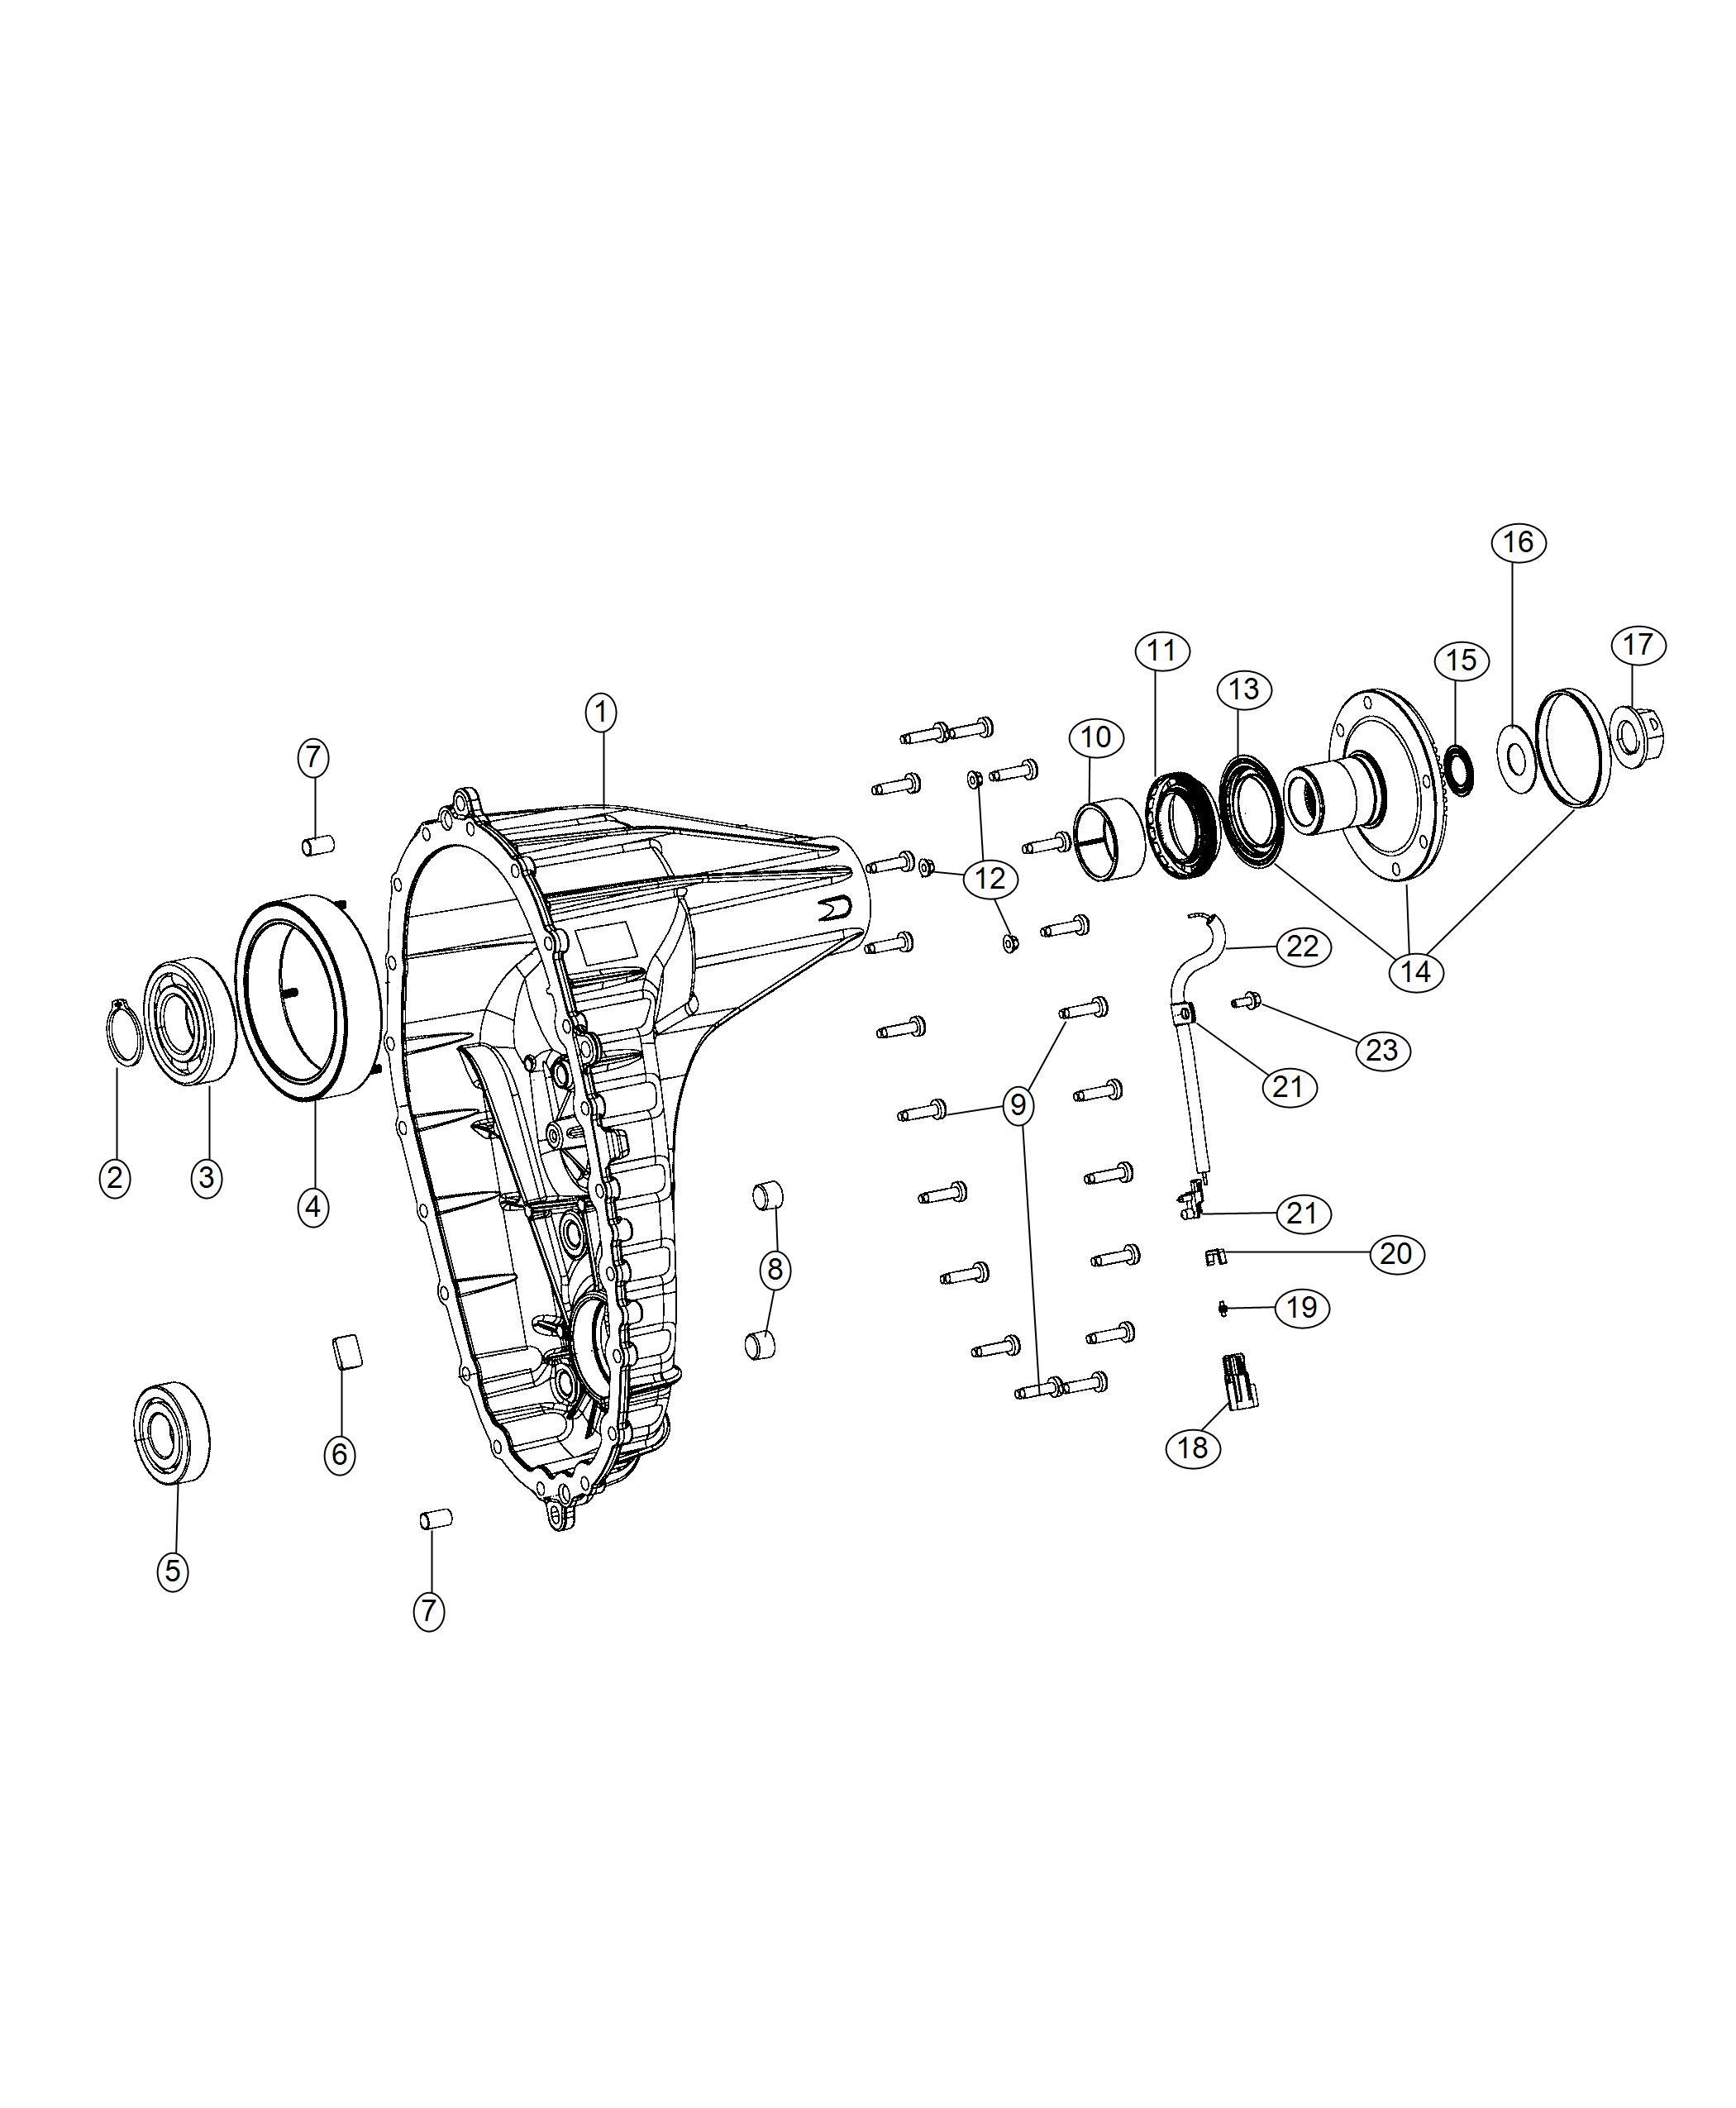 Ram Case Half Rear Transfer Fly Shift